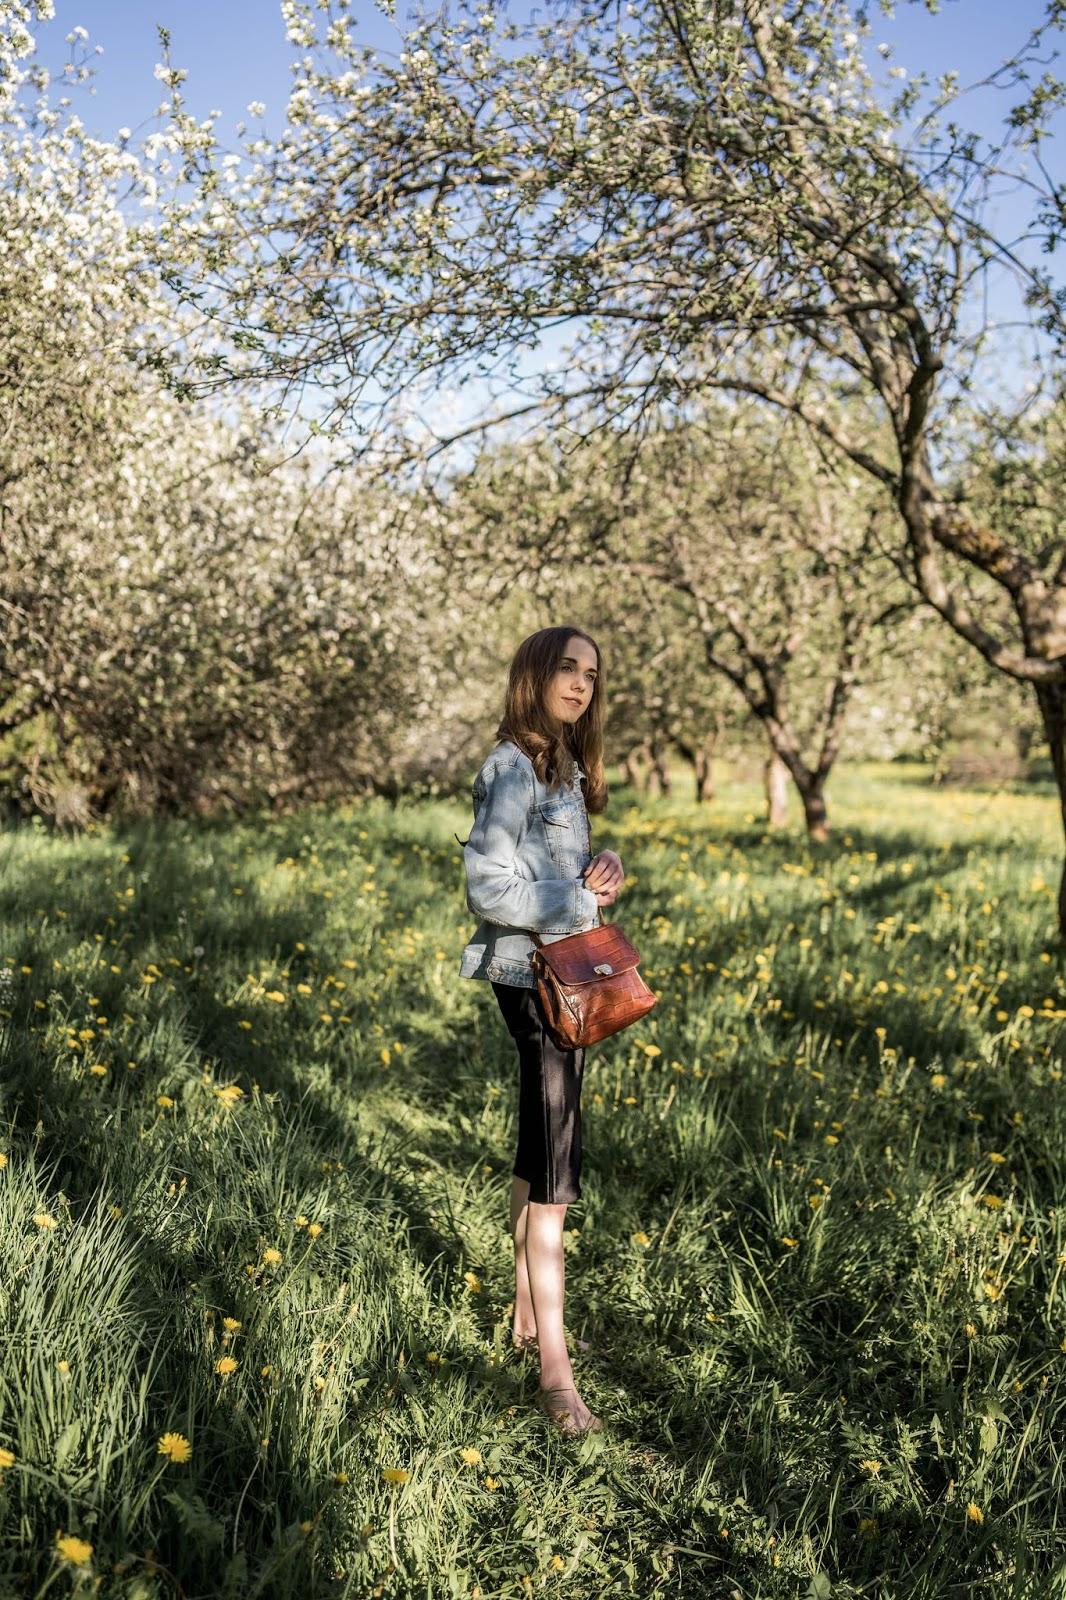 Summer outfit inspiration, apple blossoms, garden - Kesäasu, inspiraatio, muotibloggaaja, kukkivat omenapuut, omenapuutarha